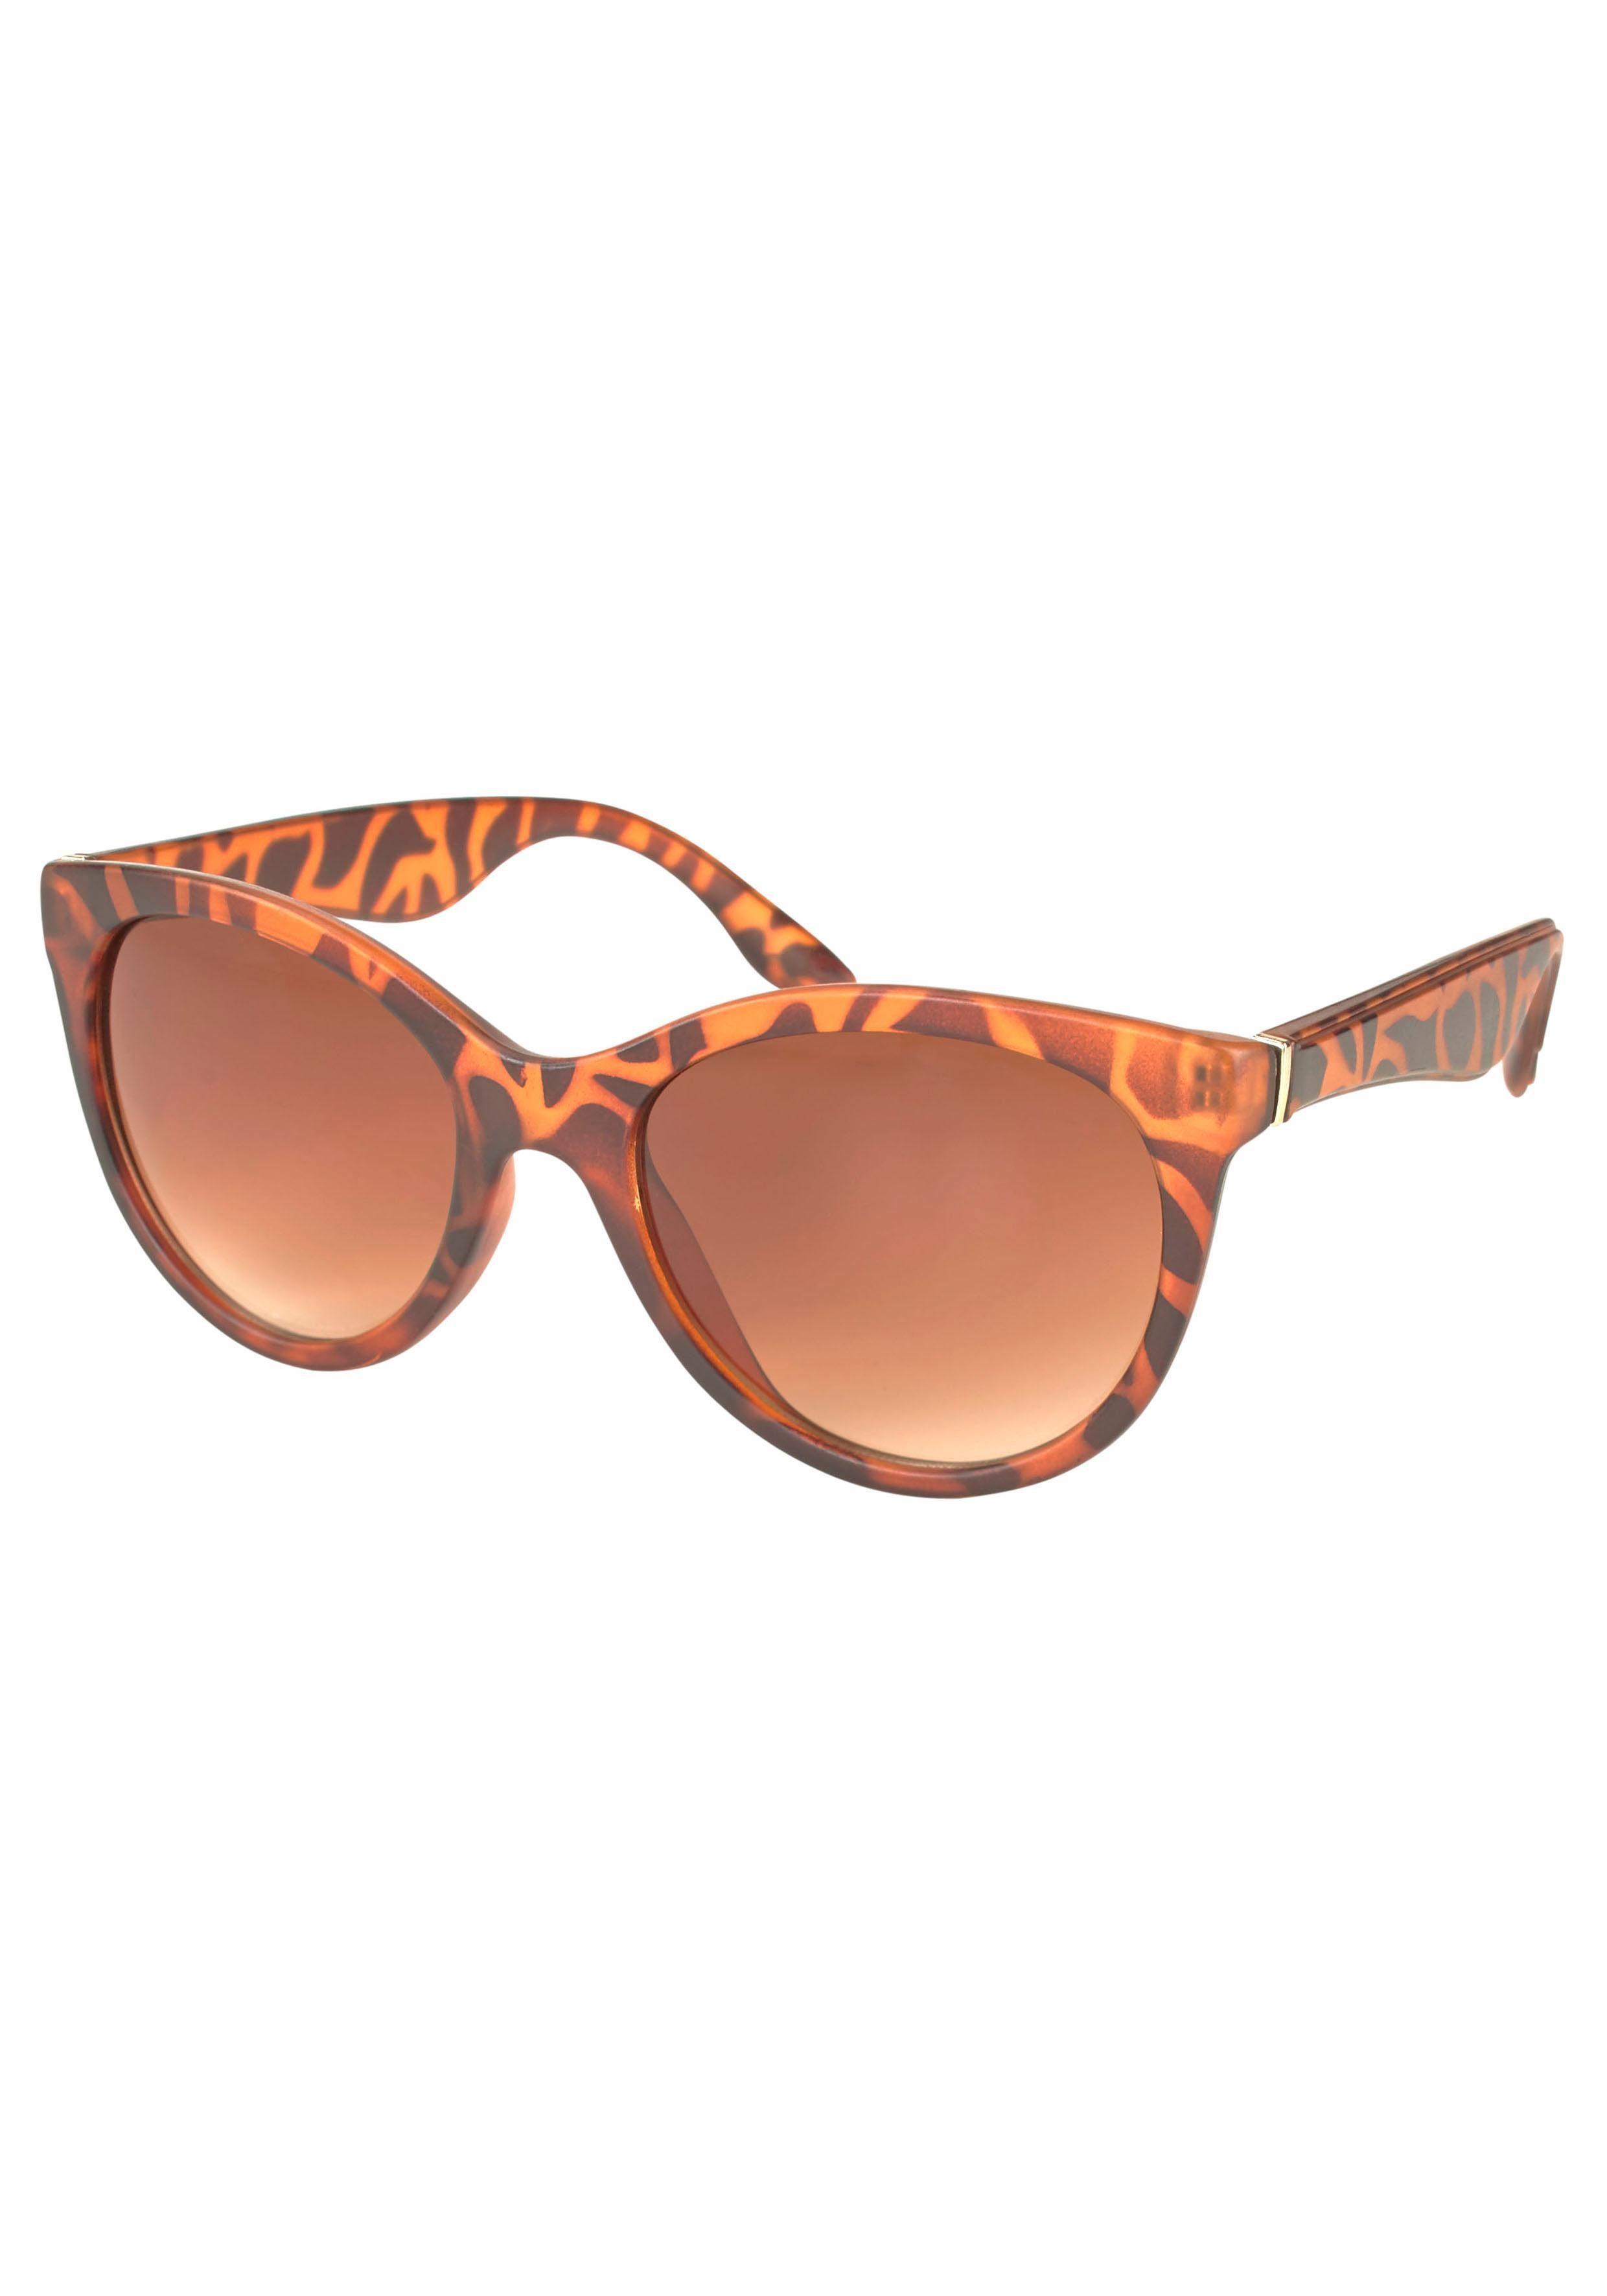 PRIMETTA Eyewear Sonnenbrille mit Leo-Muster